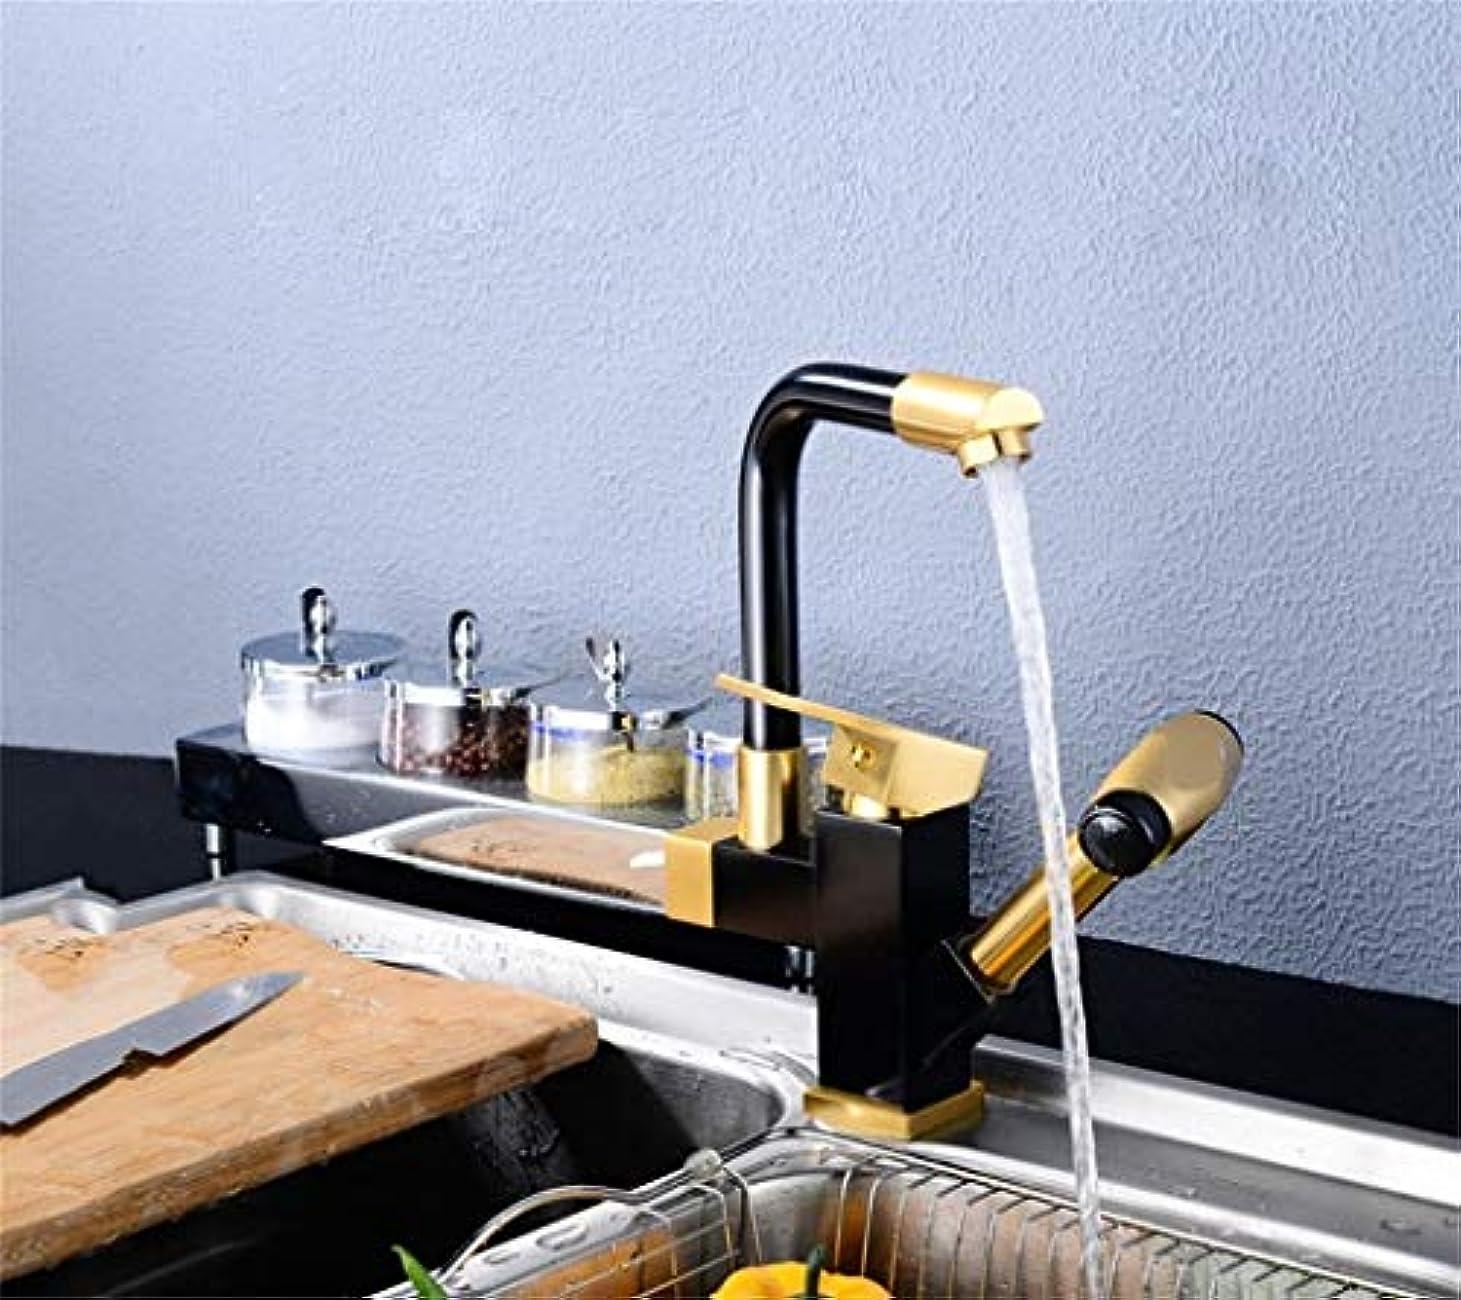 ソビエト略語現実にはキッチン/バスルーム/デッサン用/ 360°回転蛇口/セラミックスプール+スペースアルミ材/ダブルヘッドウォーター/格納式 作りが精巧である